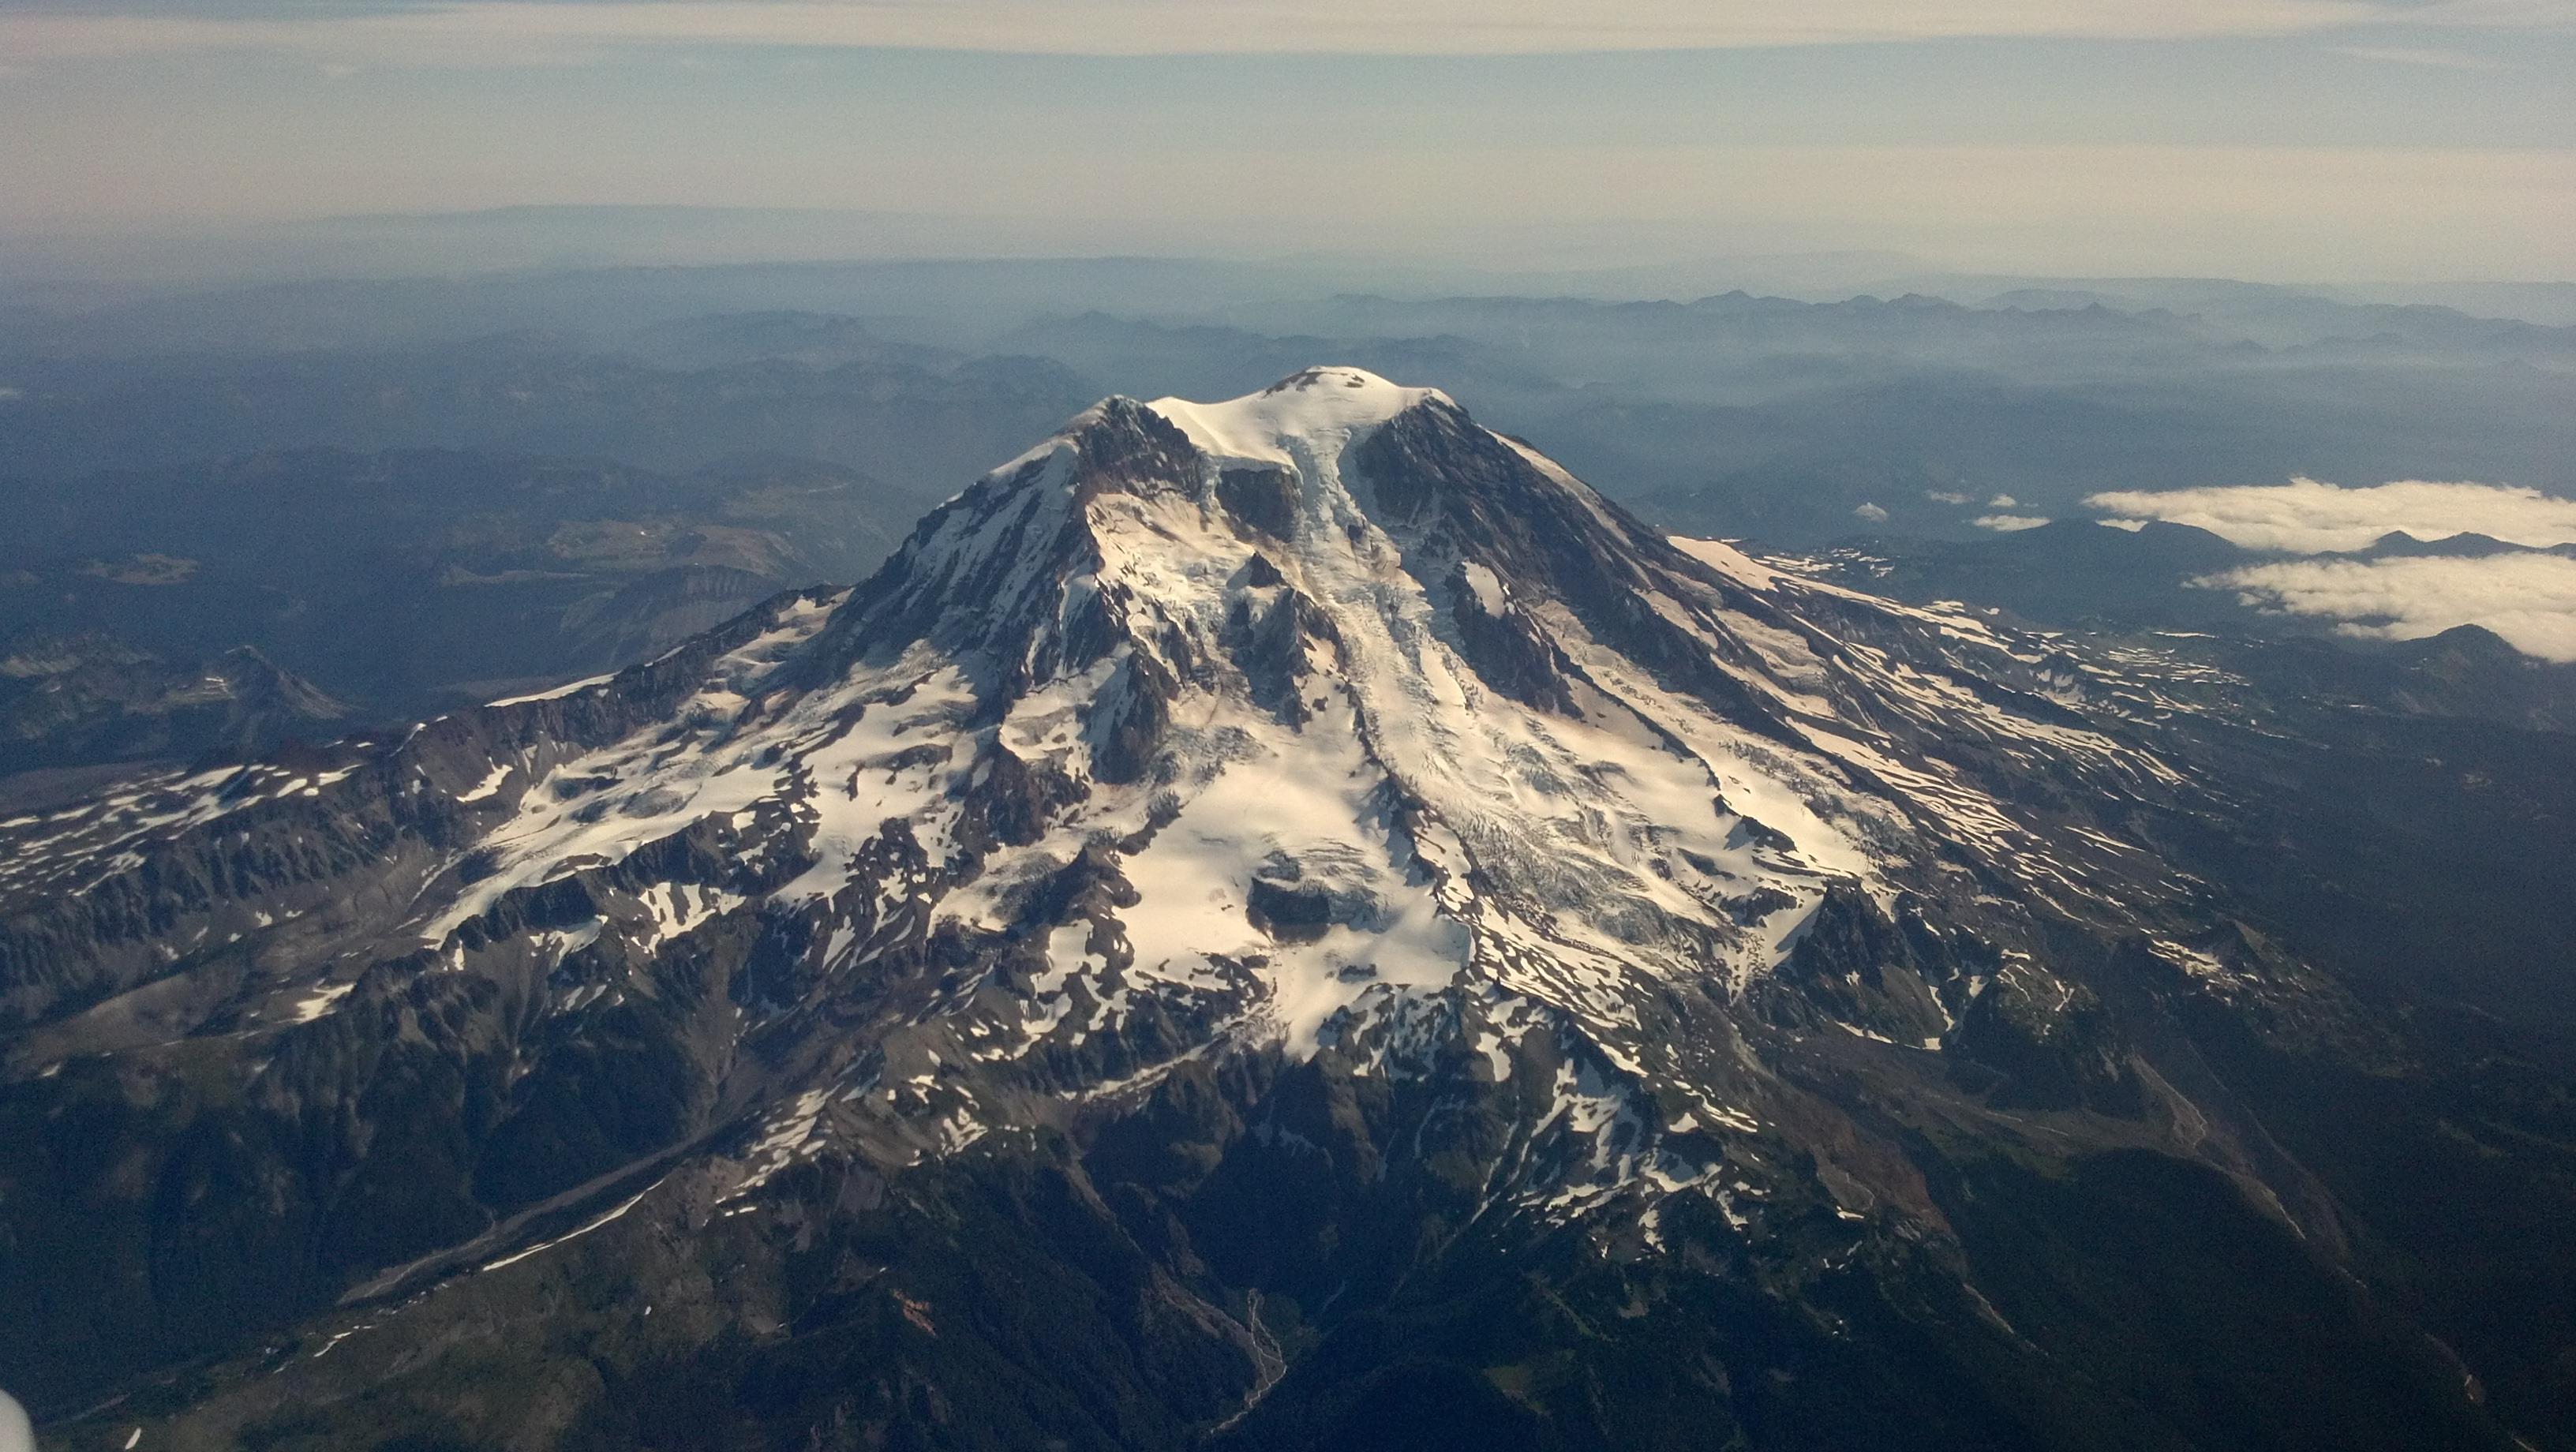 Mt._Rainier%2C_taken_September_14%2C_2011.jpg